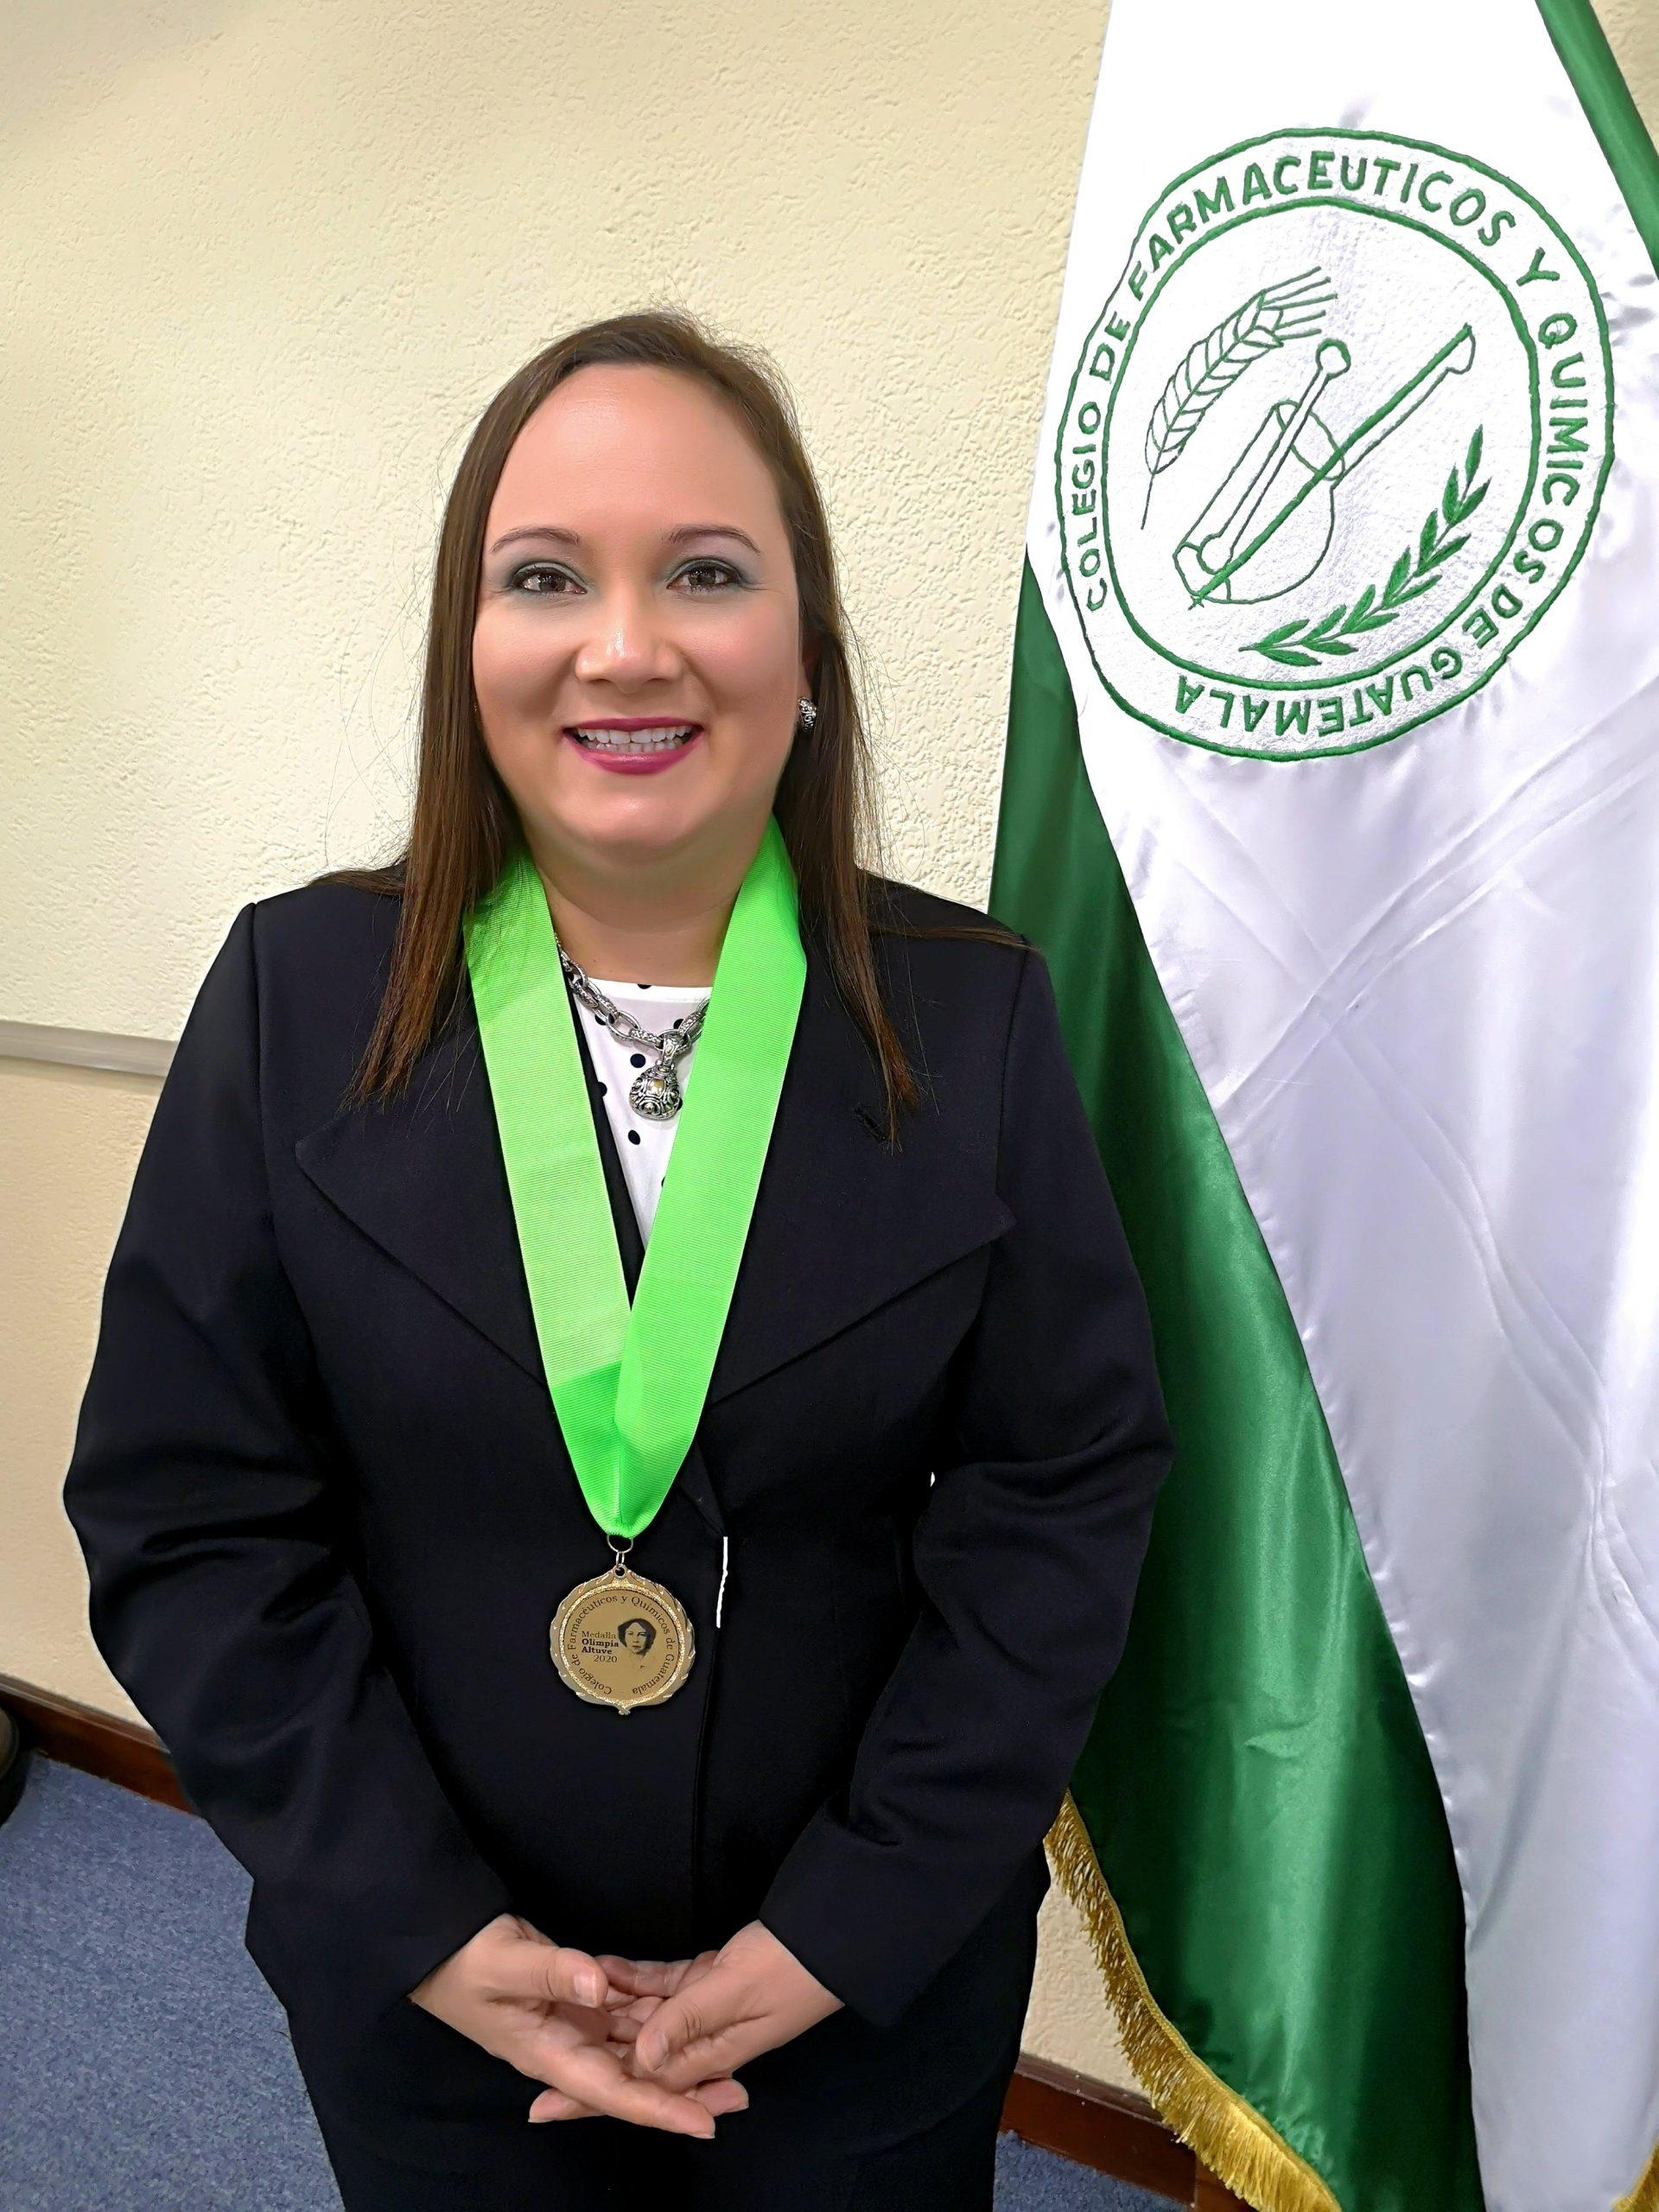 La MSc. Michele Monroy Valle, Nutricionista, agradeció al COFAQUI y su Junta Directiva por el reconocimiento recibido.